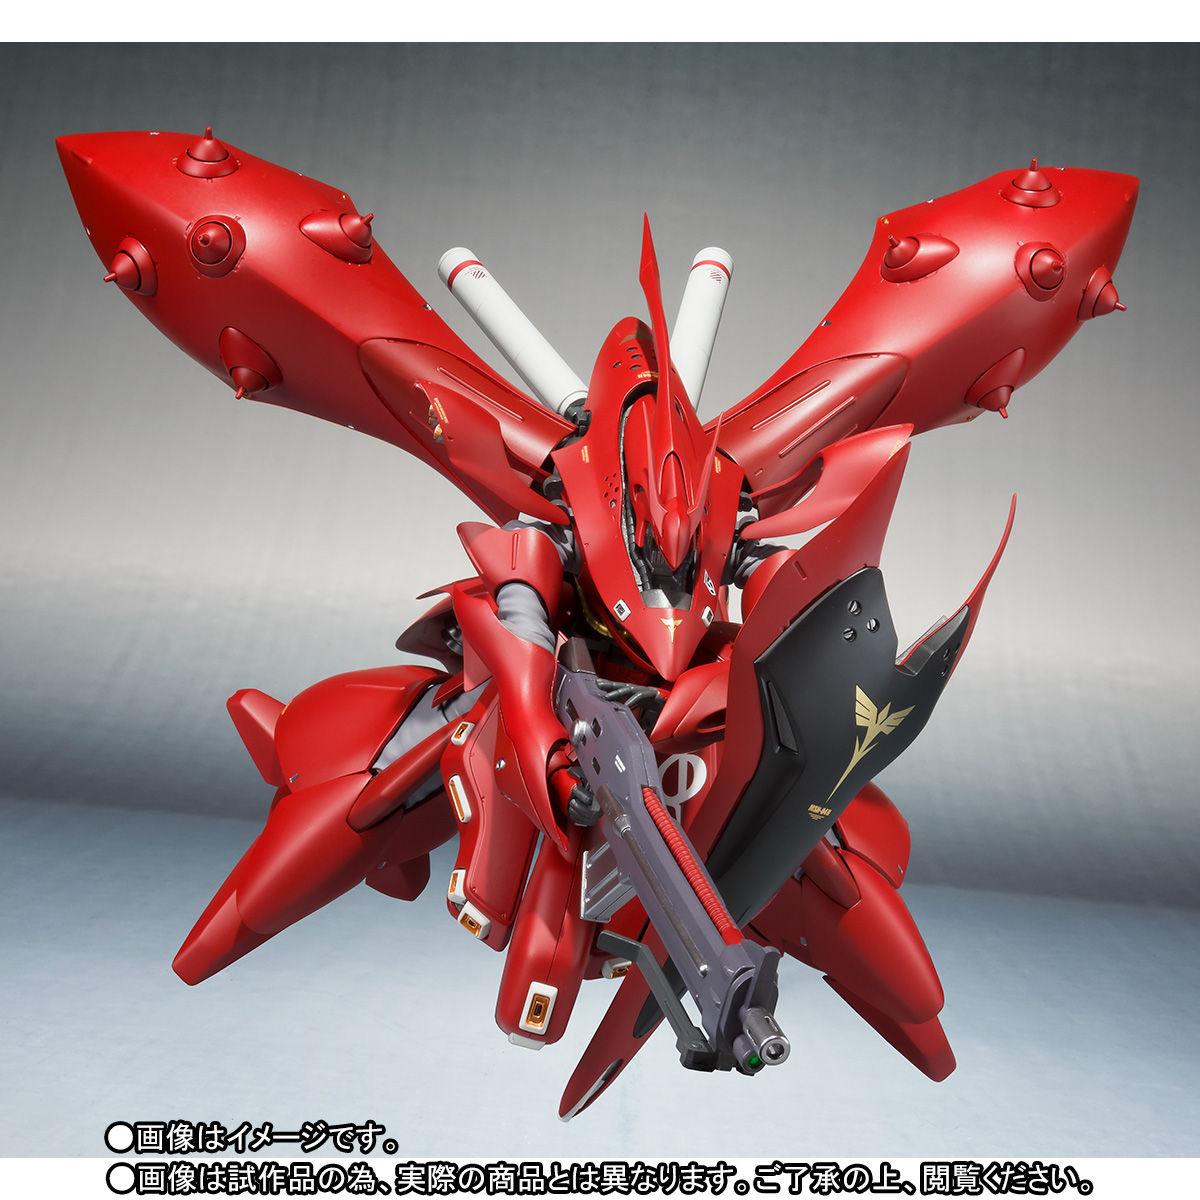 ROBOT魂 <SIDE MS>『ナイチンゲール(重塗装仕様)』可動フィギュア-007